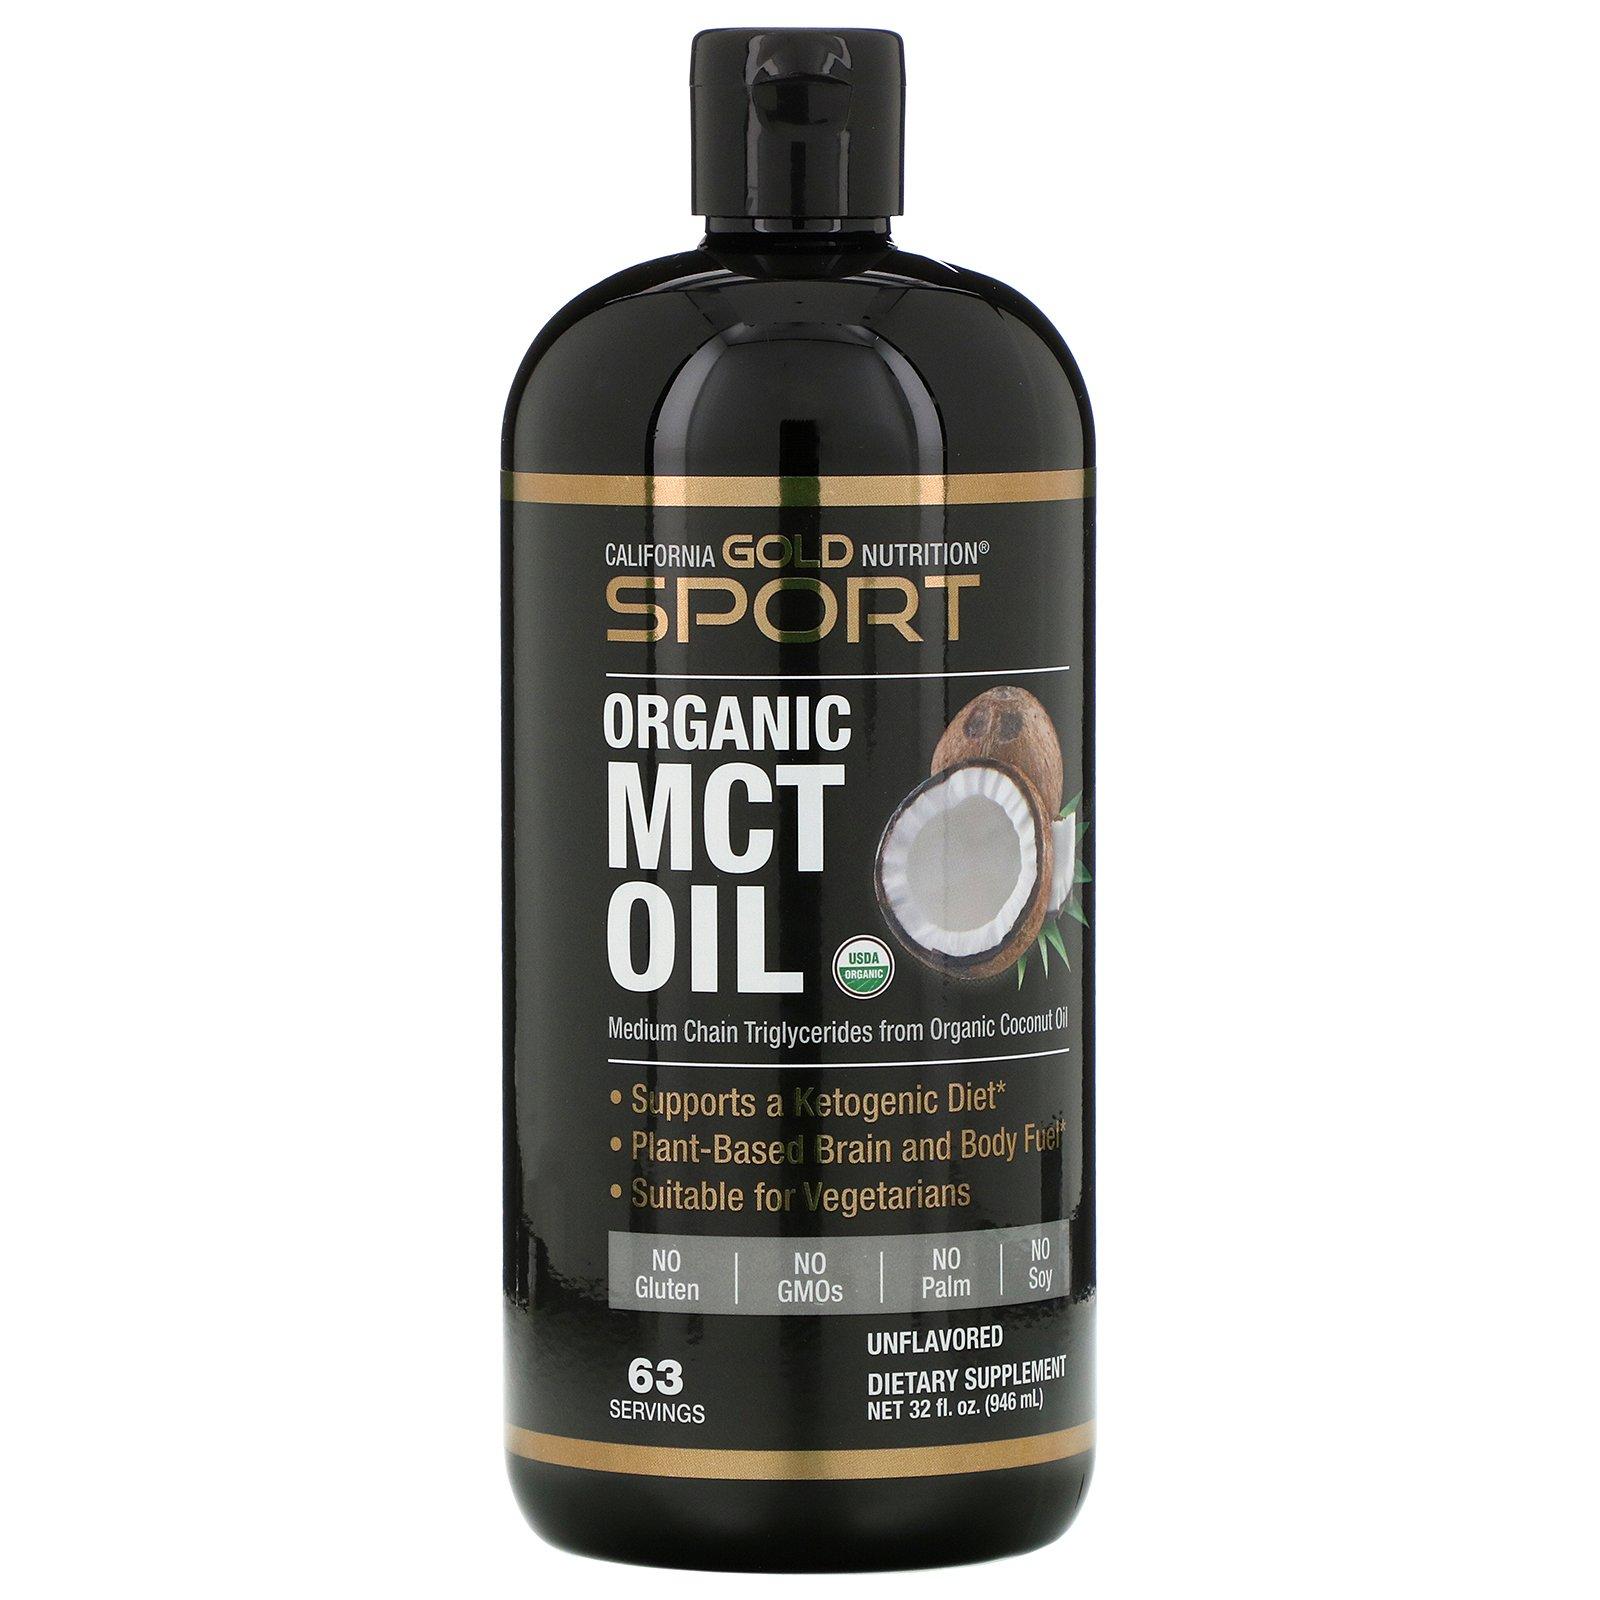 California Gold Nutrition, SPORTS, органическое масло MCT, неароматизированное, 946 мл (32 жидк. унции)